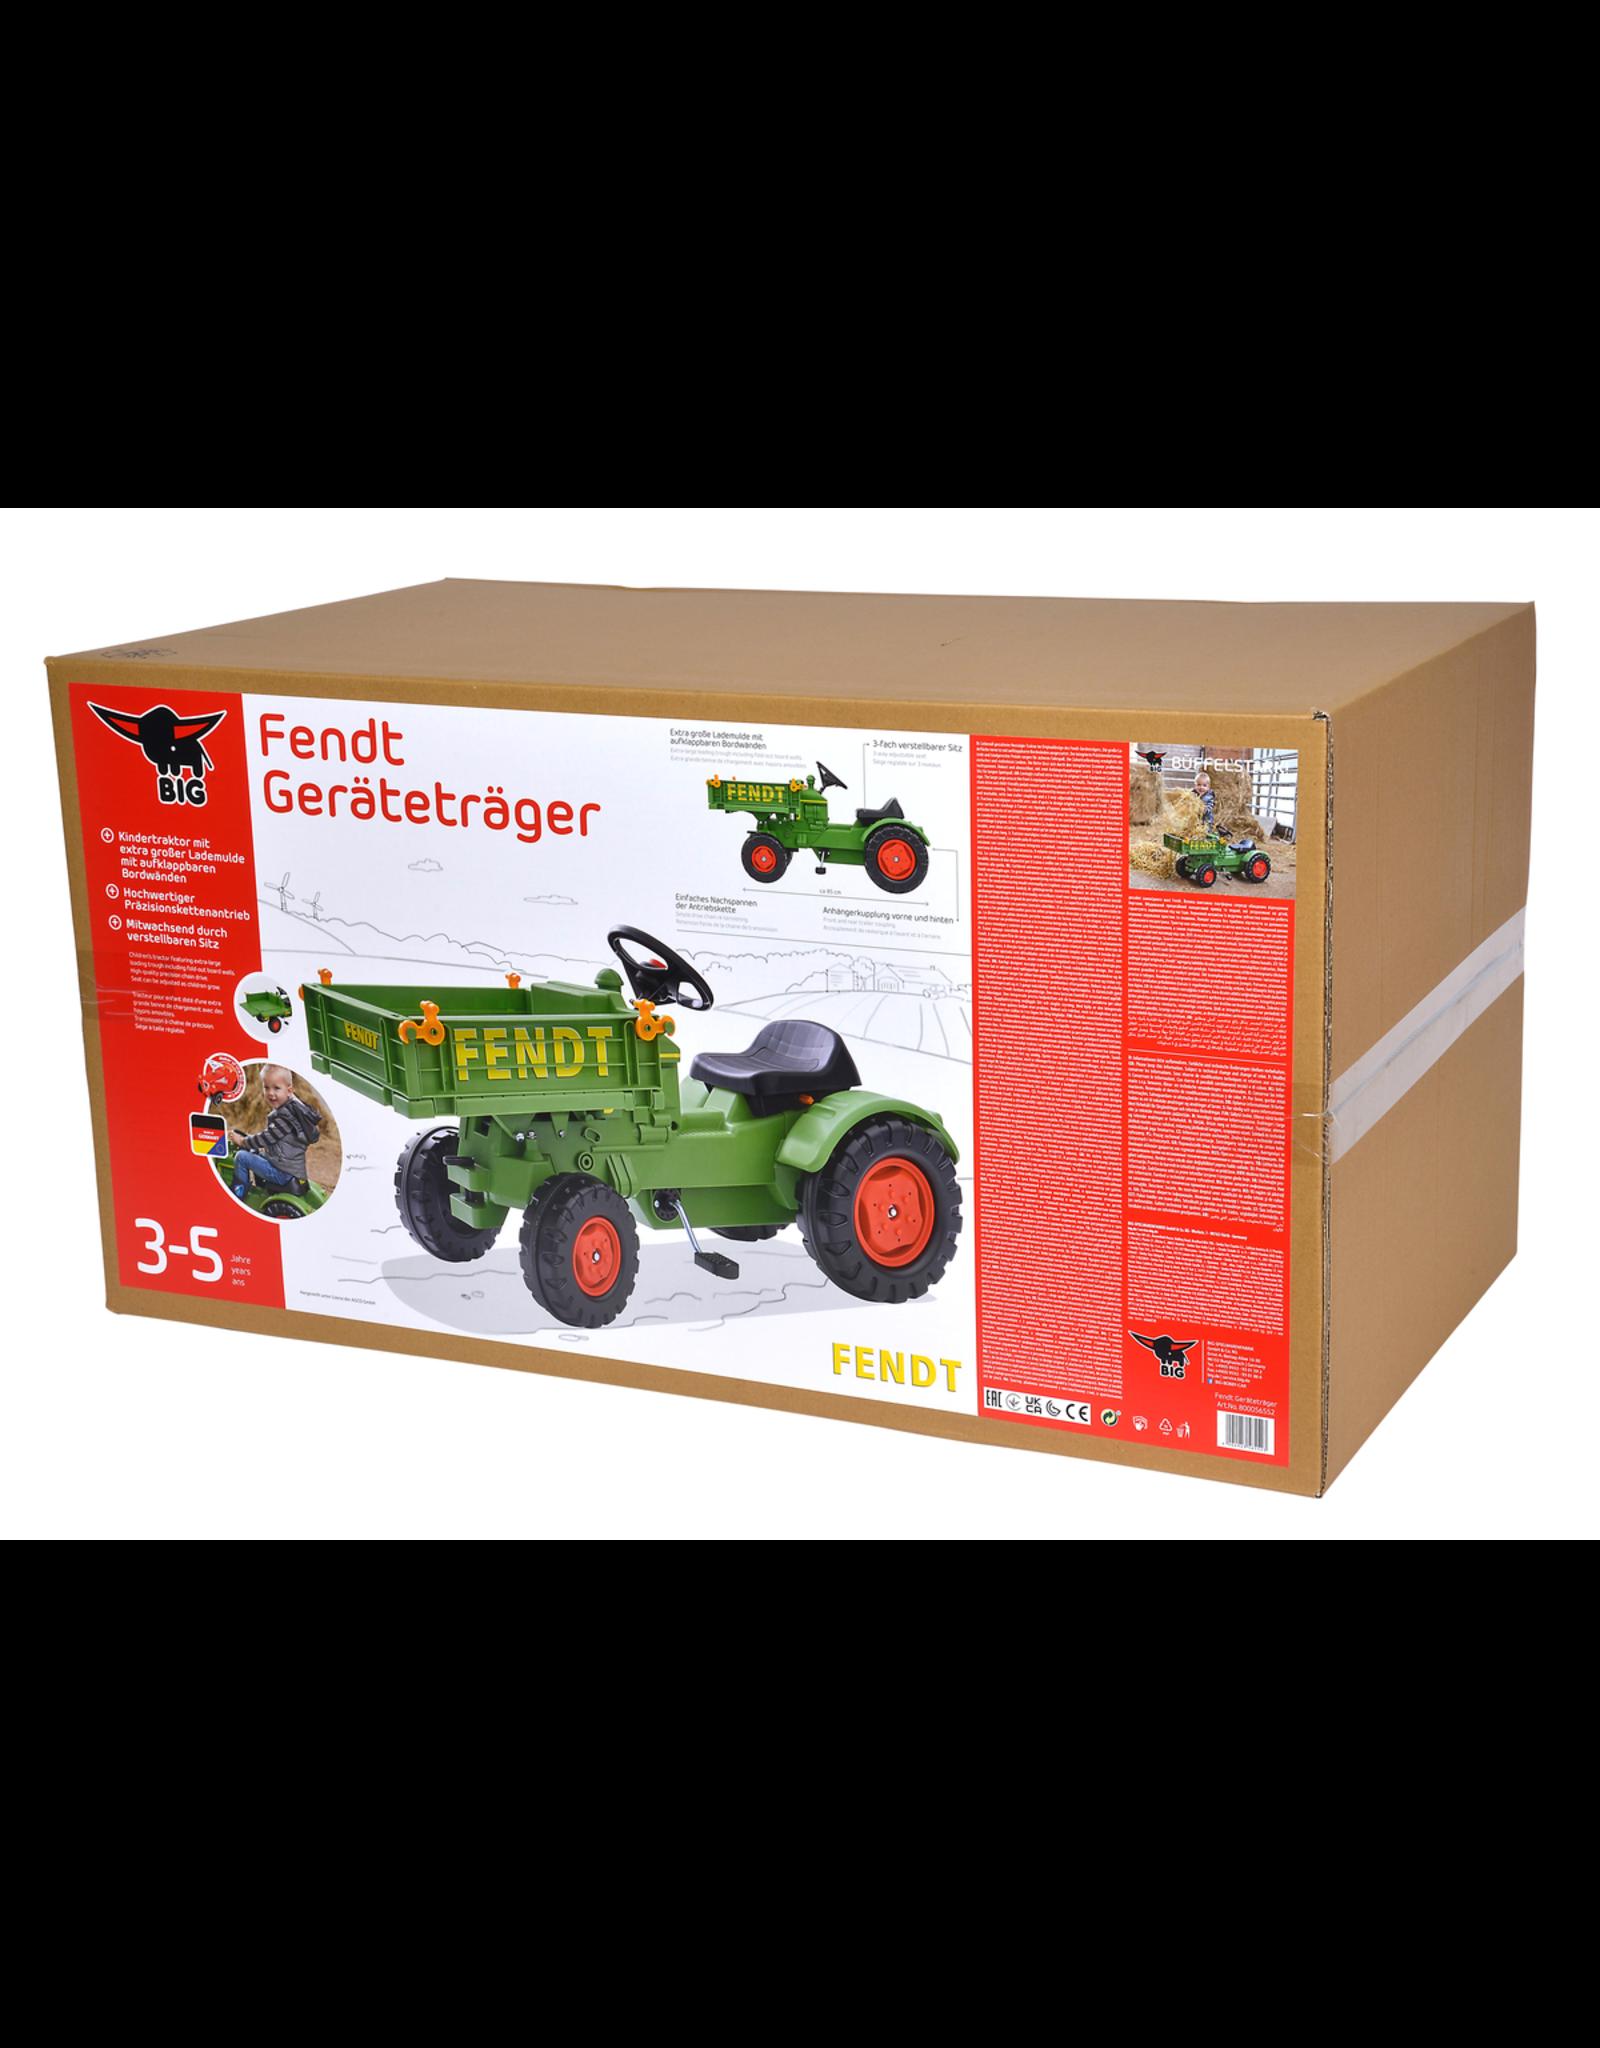 BIG BIG Fendt Tool Carrier